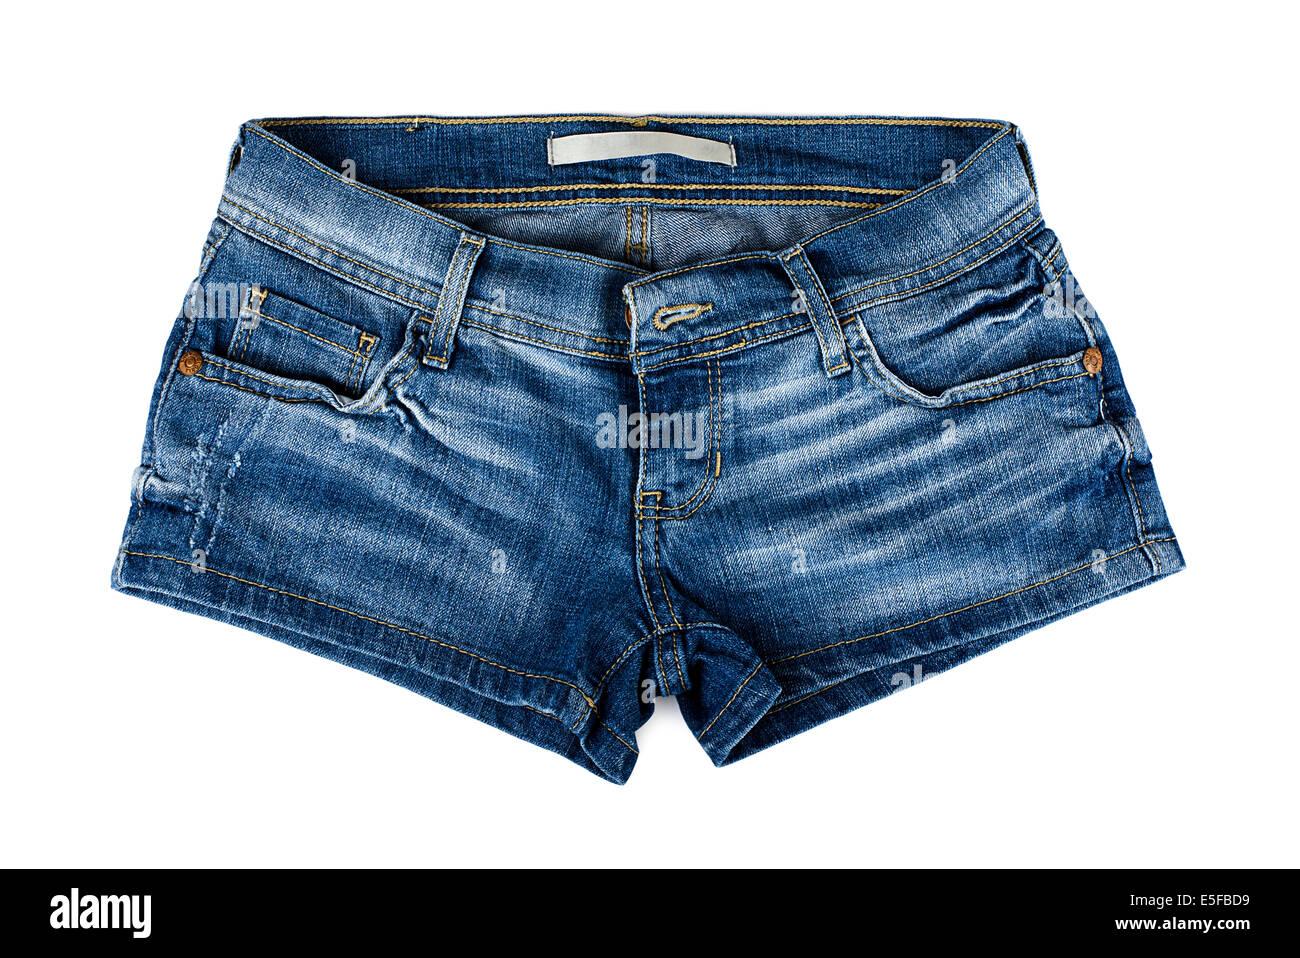 7872d38c446556 Shorts En Jean Photos & Shorts En Jean Images - Alamy